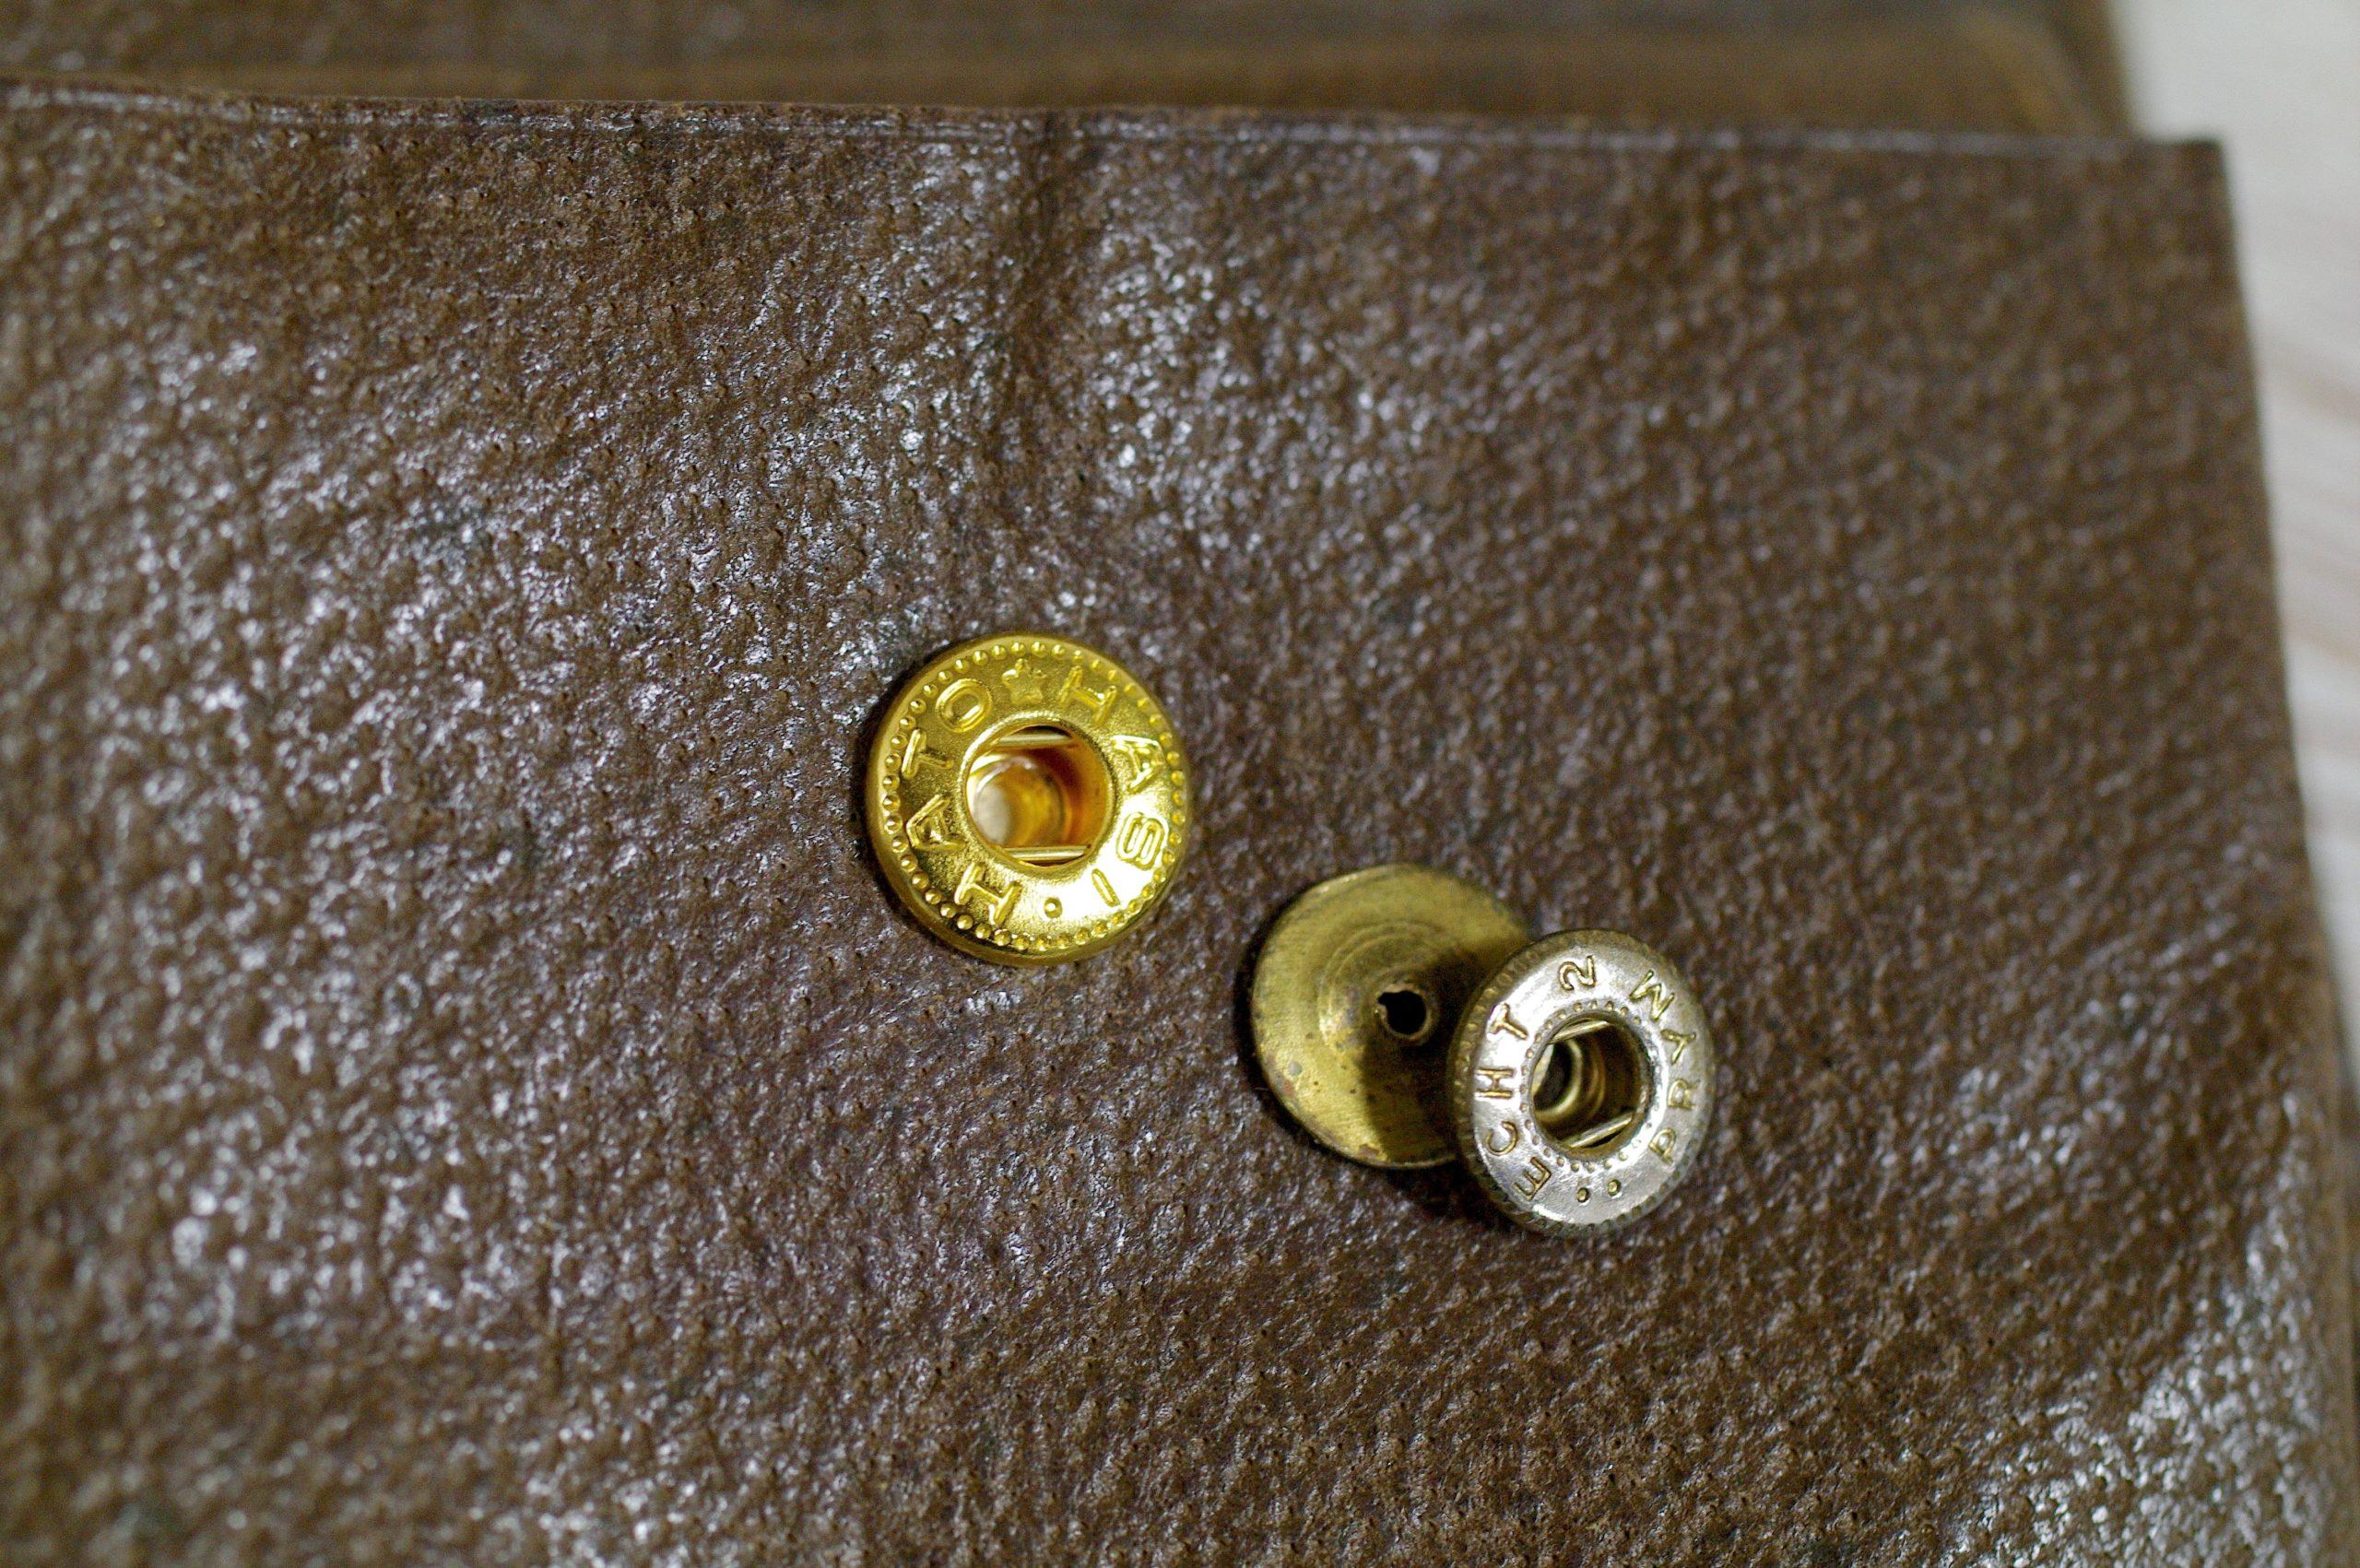 グッチ(Gucci)の折財布のボタン金具交換をご紹介